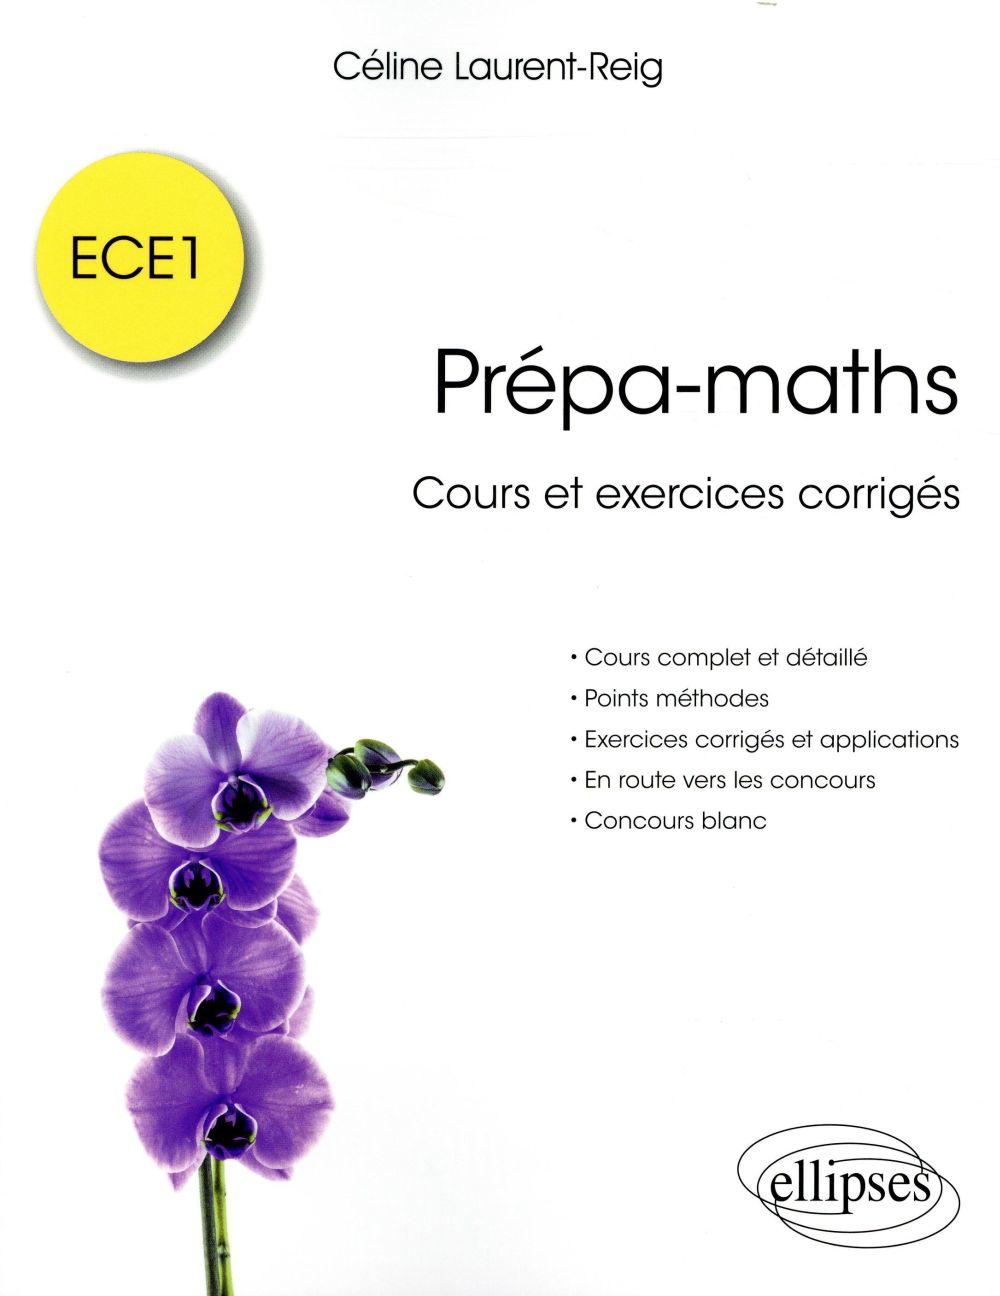 PREPA MATHS COURS ET EXERCICES CORRIGES ECE1